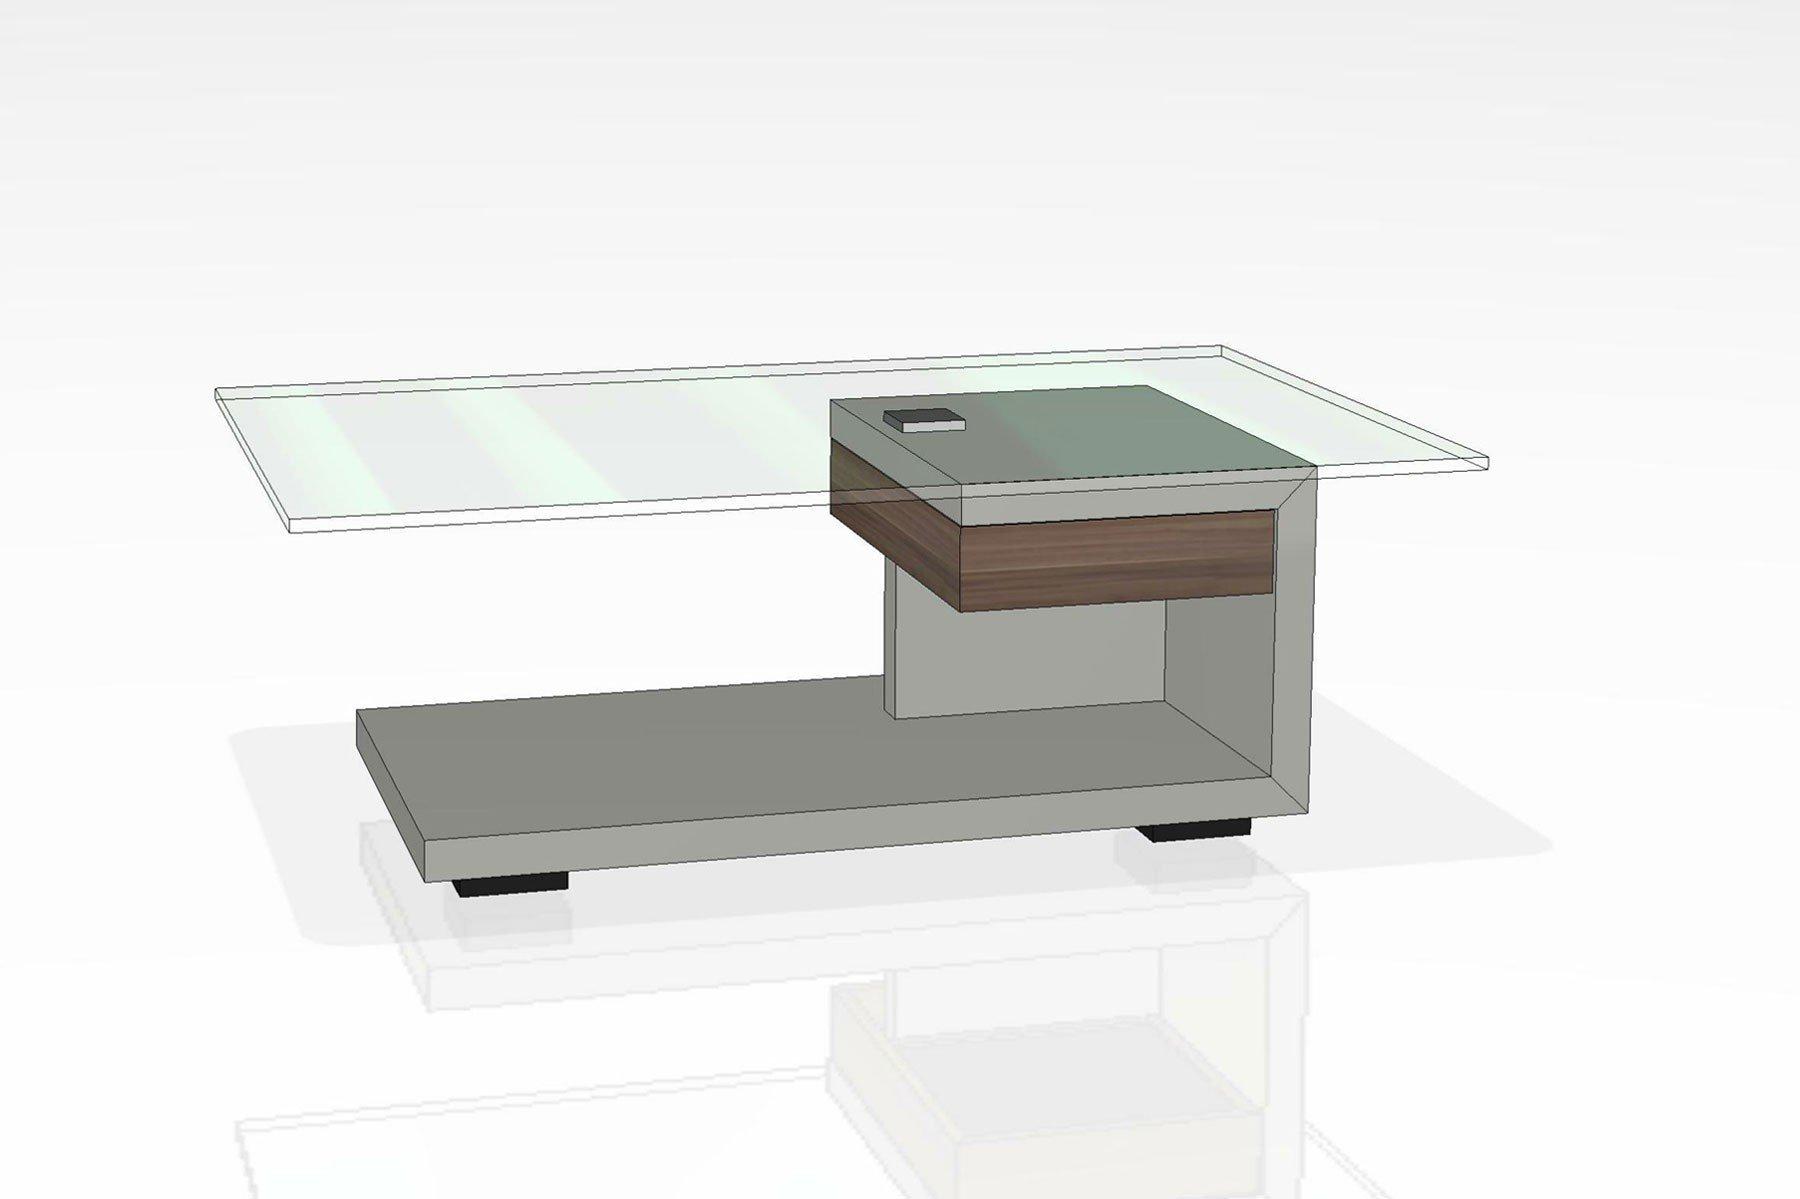 couchtisch ct404 110 von gwinner wohndesign m bel letz ihr online shop. Black Bedroom Furniture Sets. Home Design Ideas